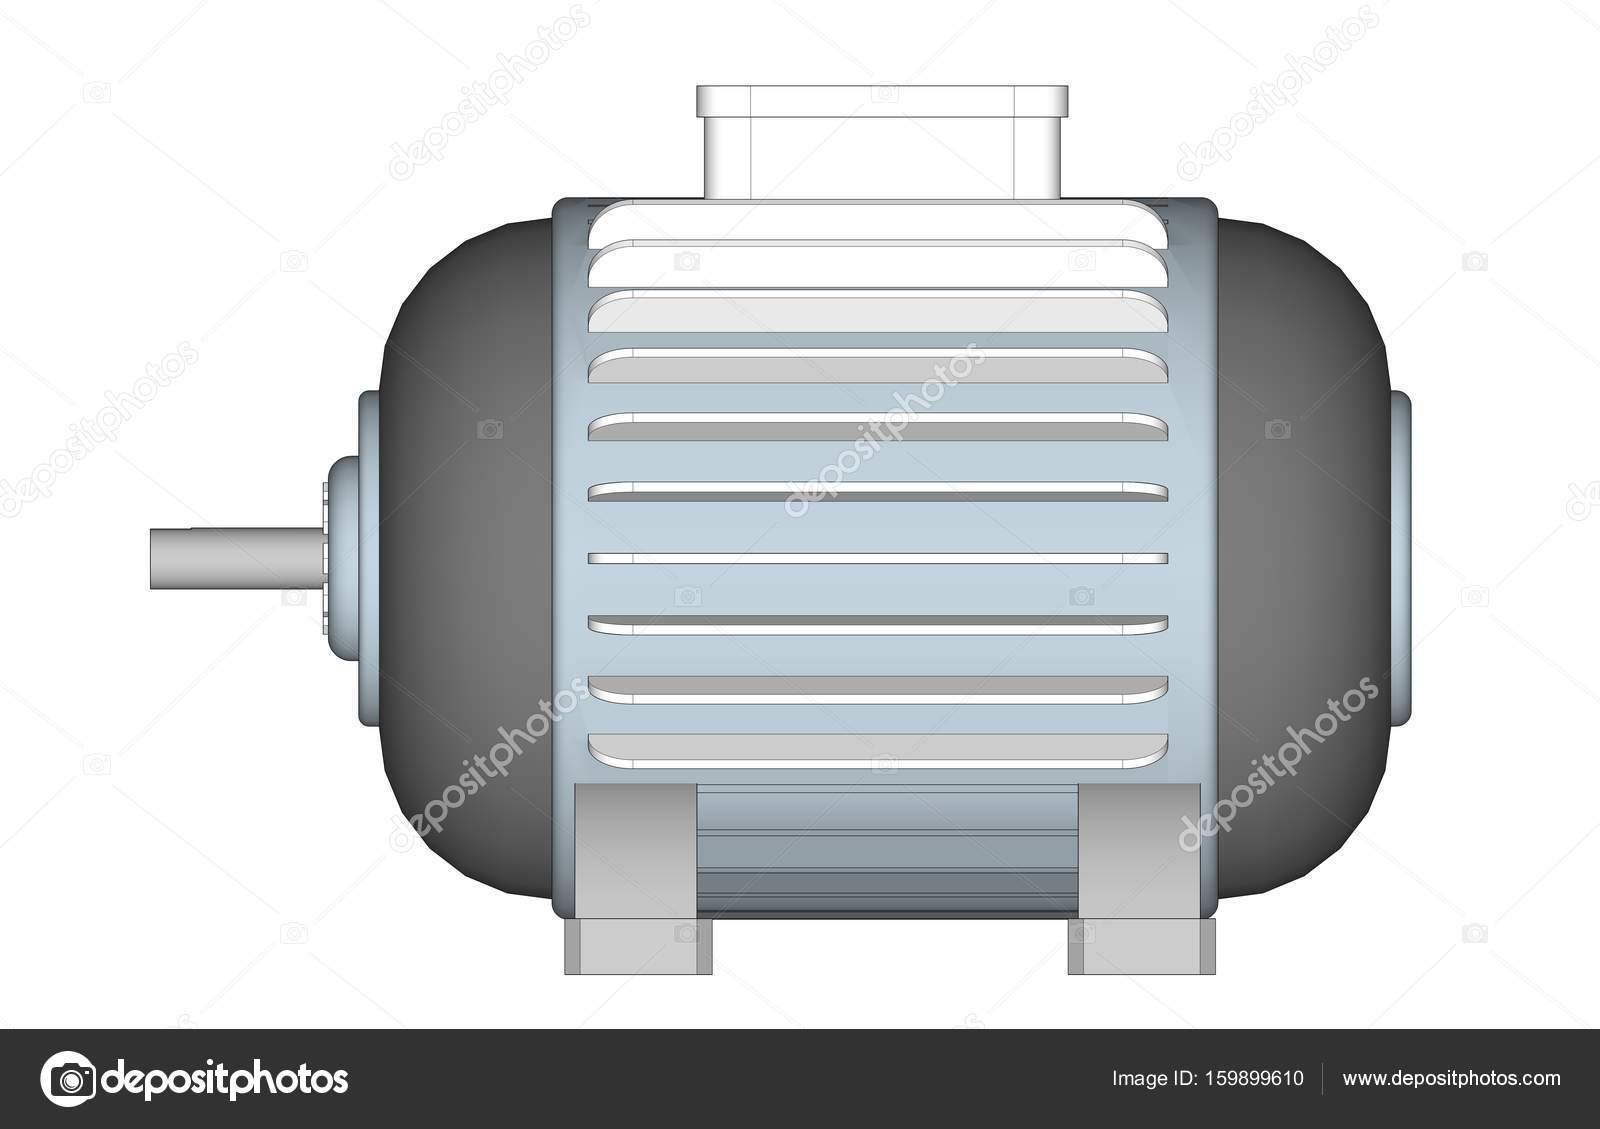 Motor Inducción Diseño Illustrator Motor Eléctrico Sobre Fondo ...